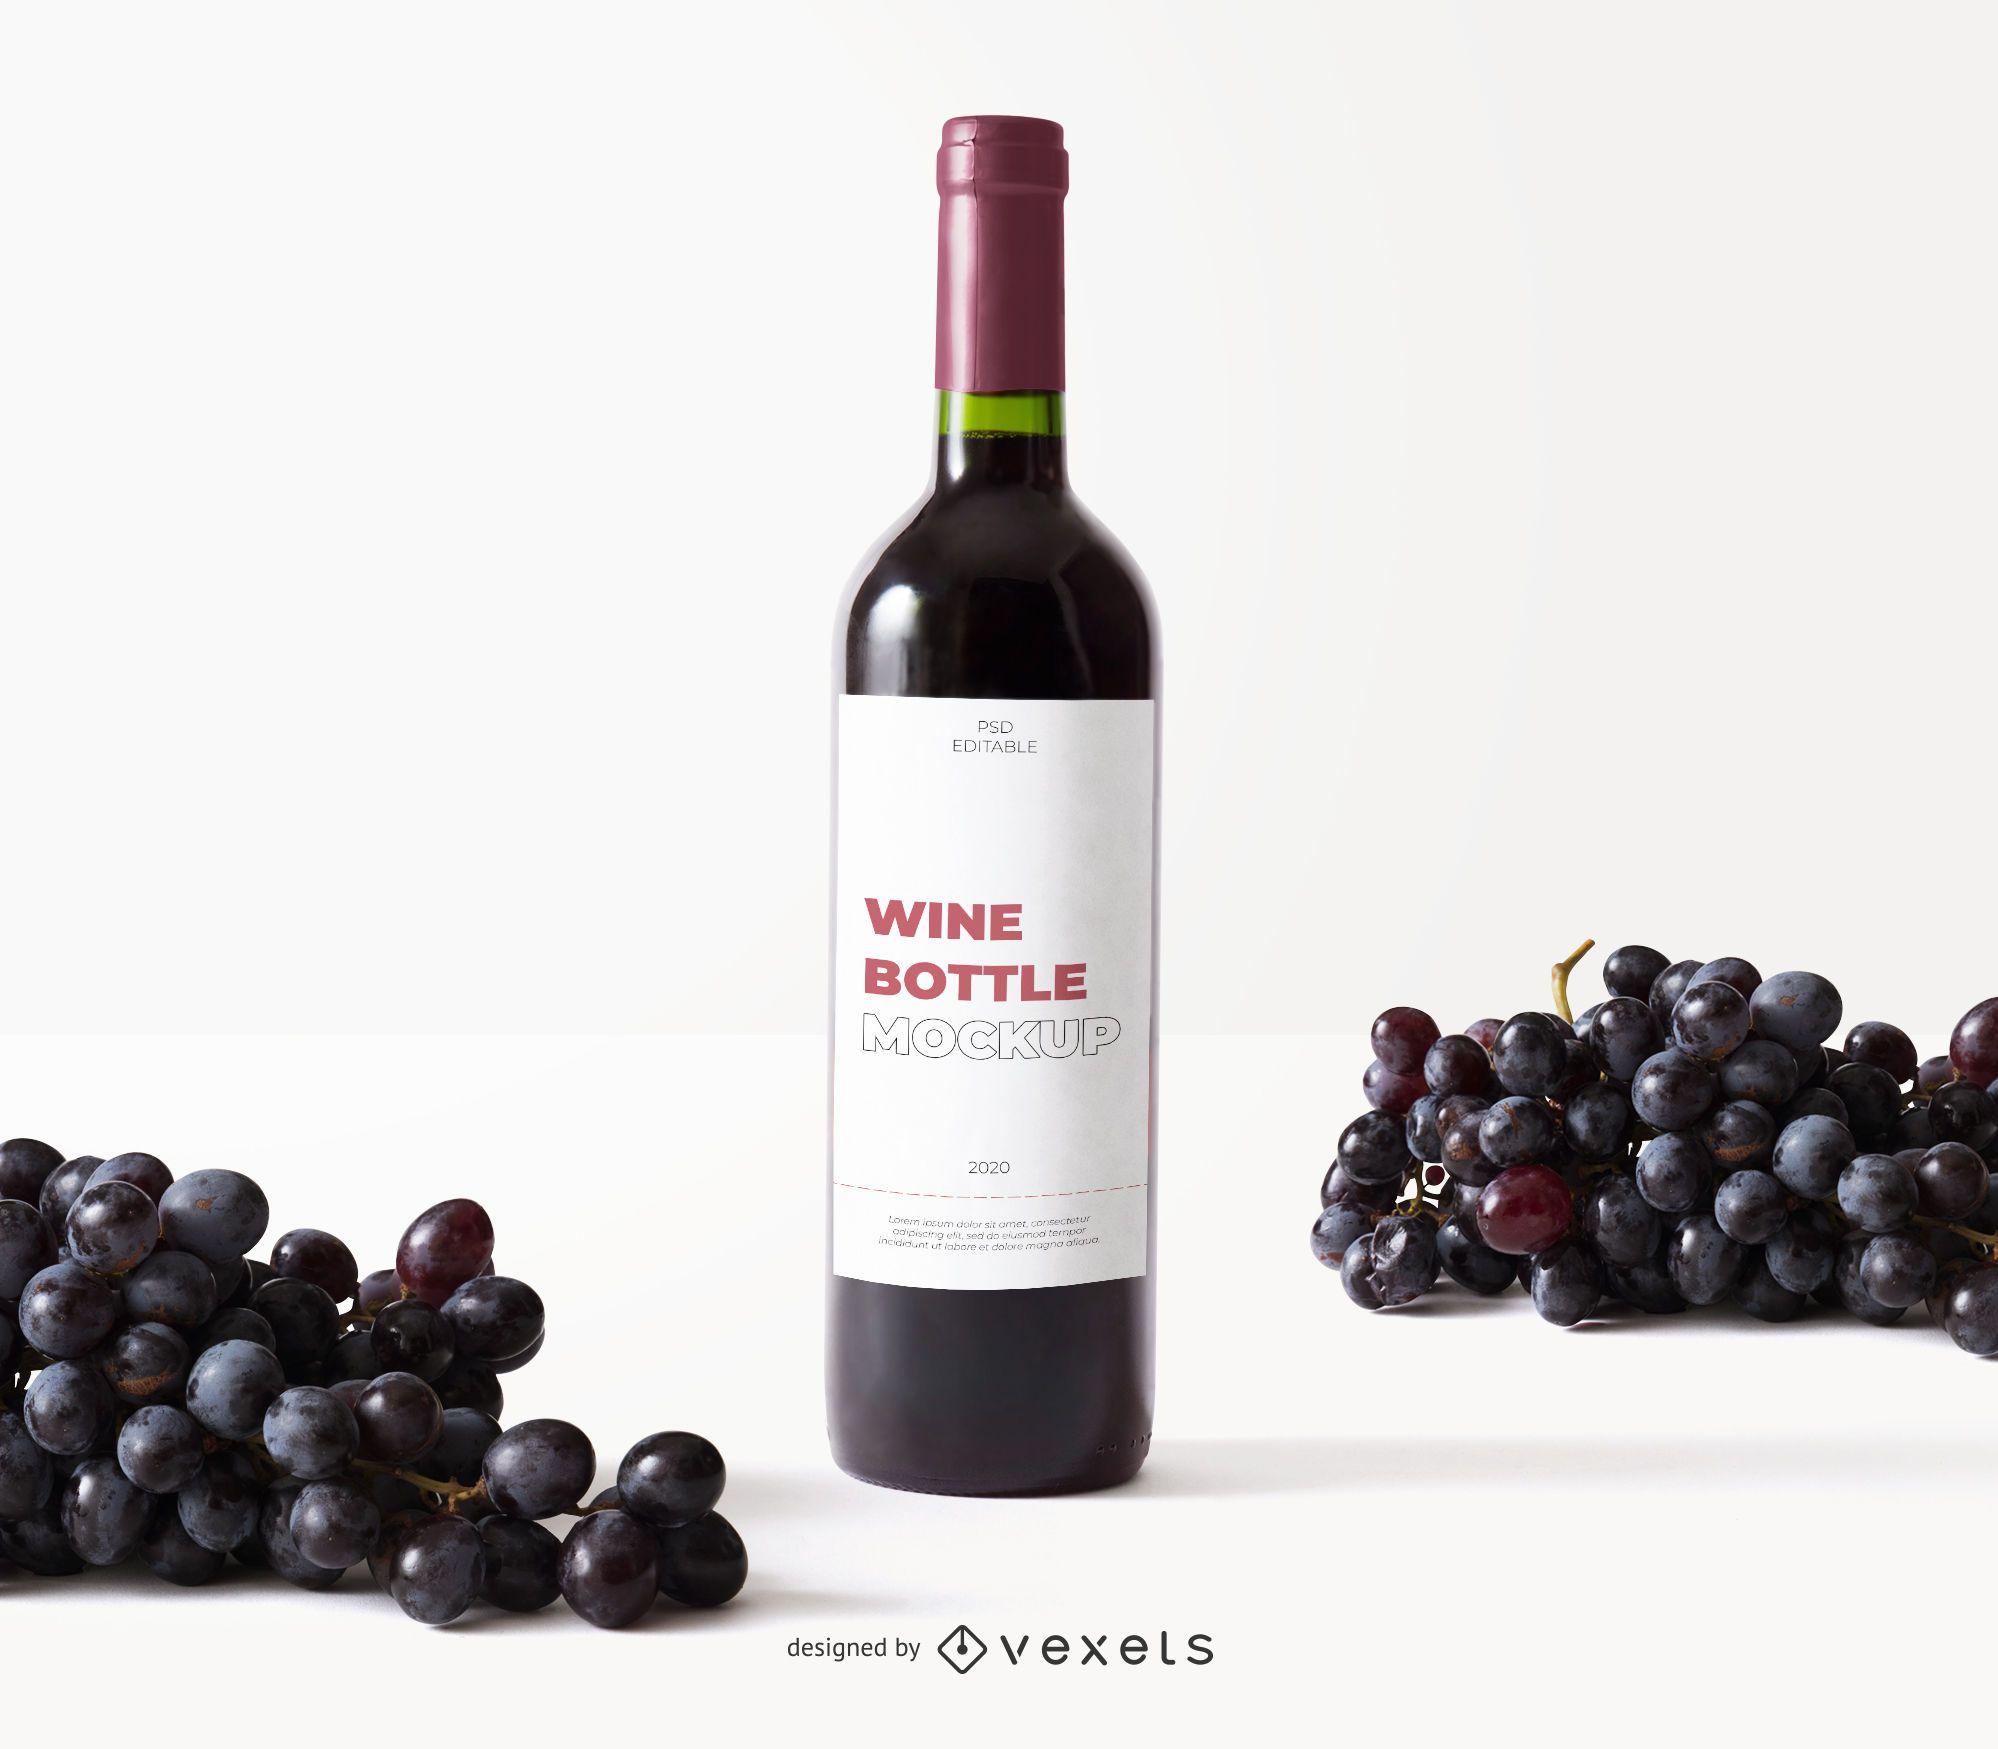 maqueta de uvas de etiqueta de botella de vino